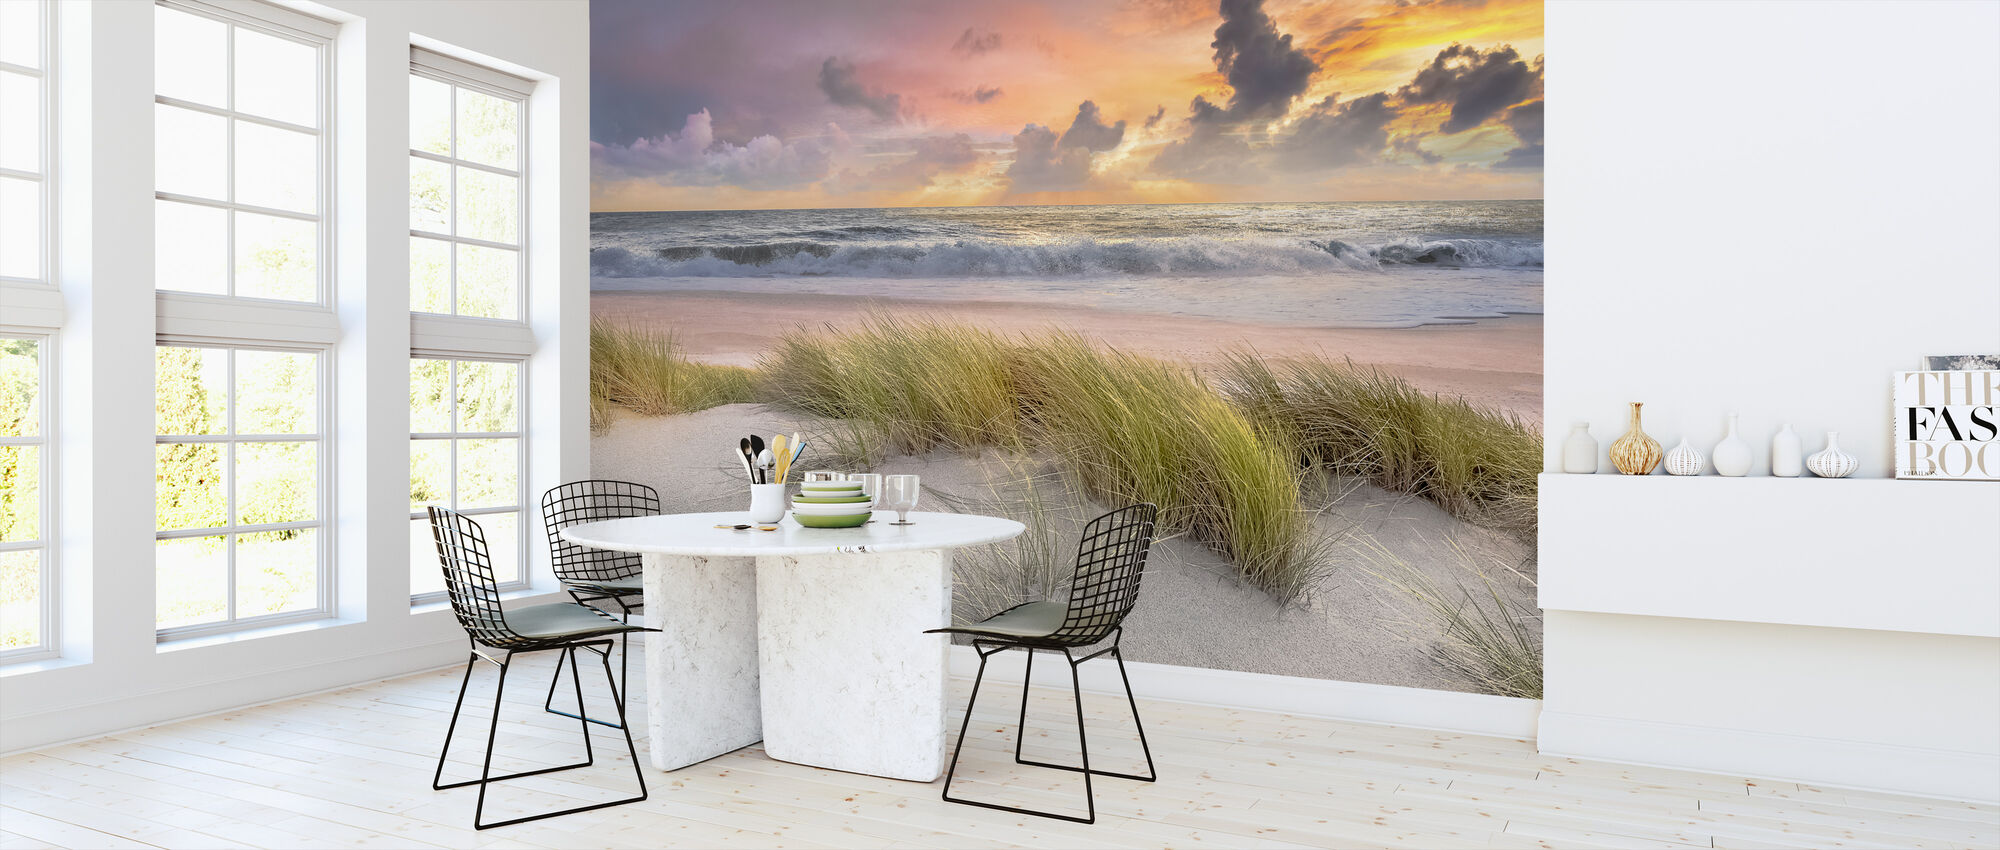 Grass in Beach Sand - Wallpaper - Kitchen